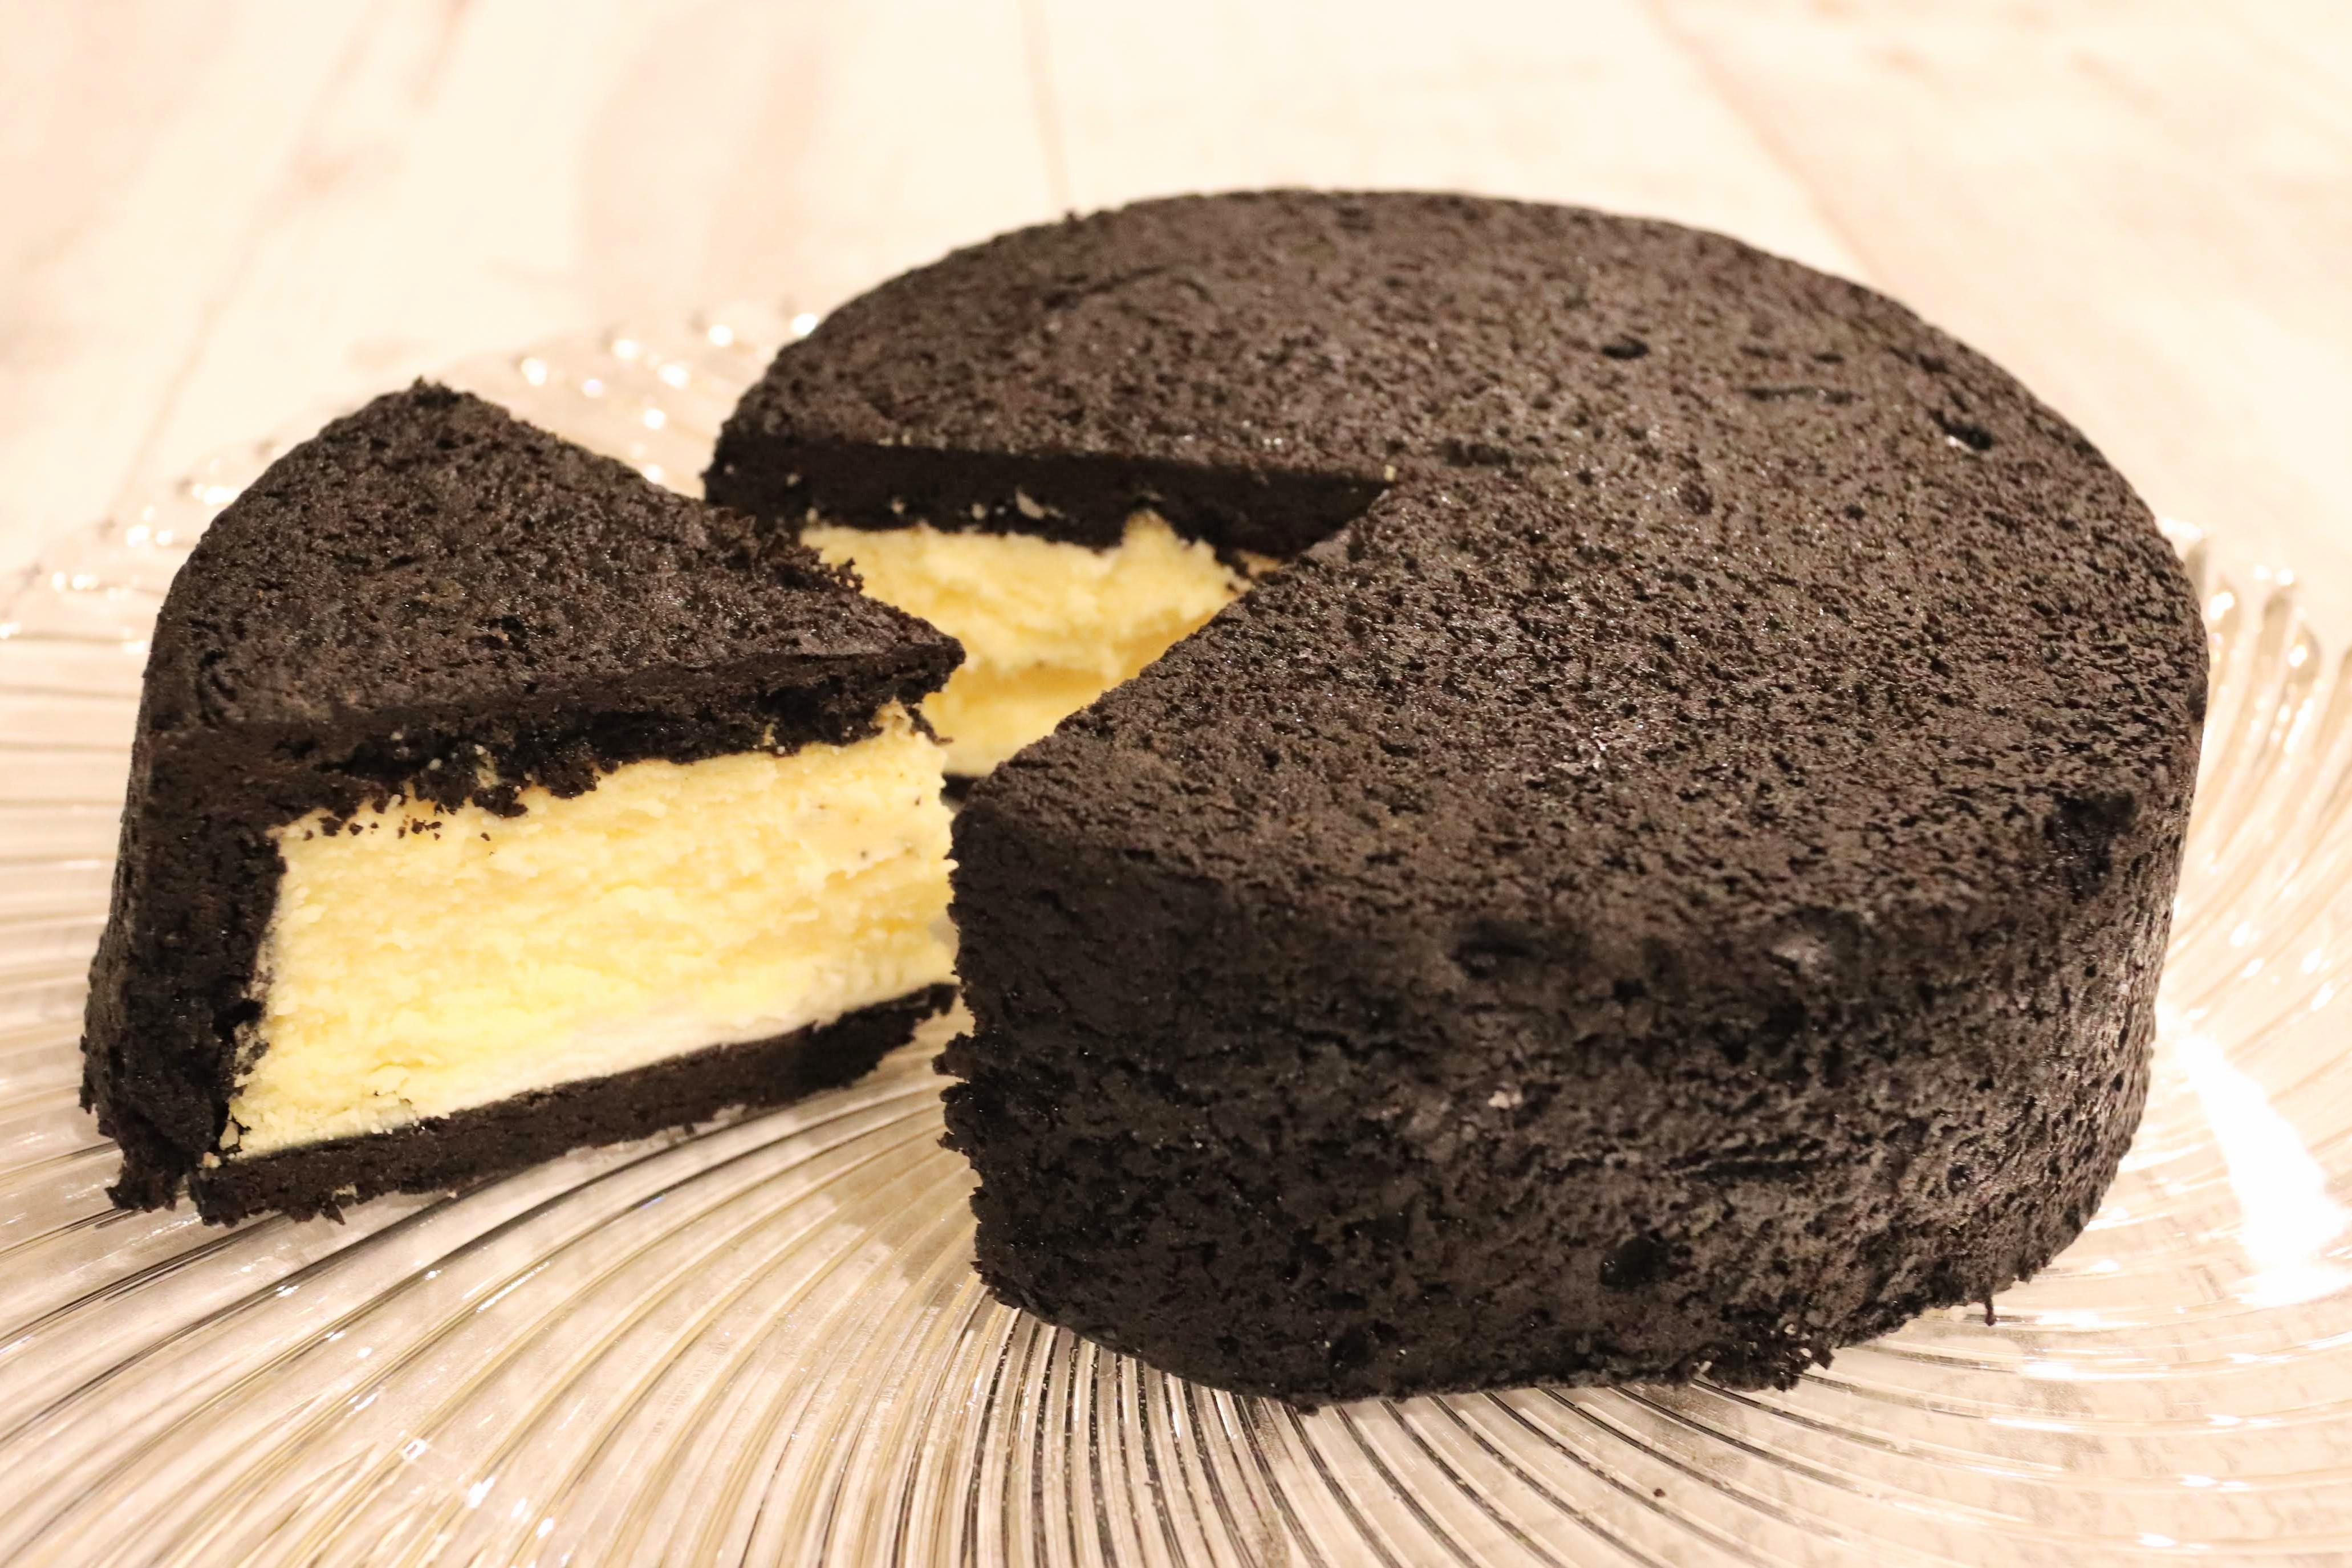 【通販53日目】仰天スイーツが気になるあなたへ。『まっ黒チーズケーキ』をお取り寄せ